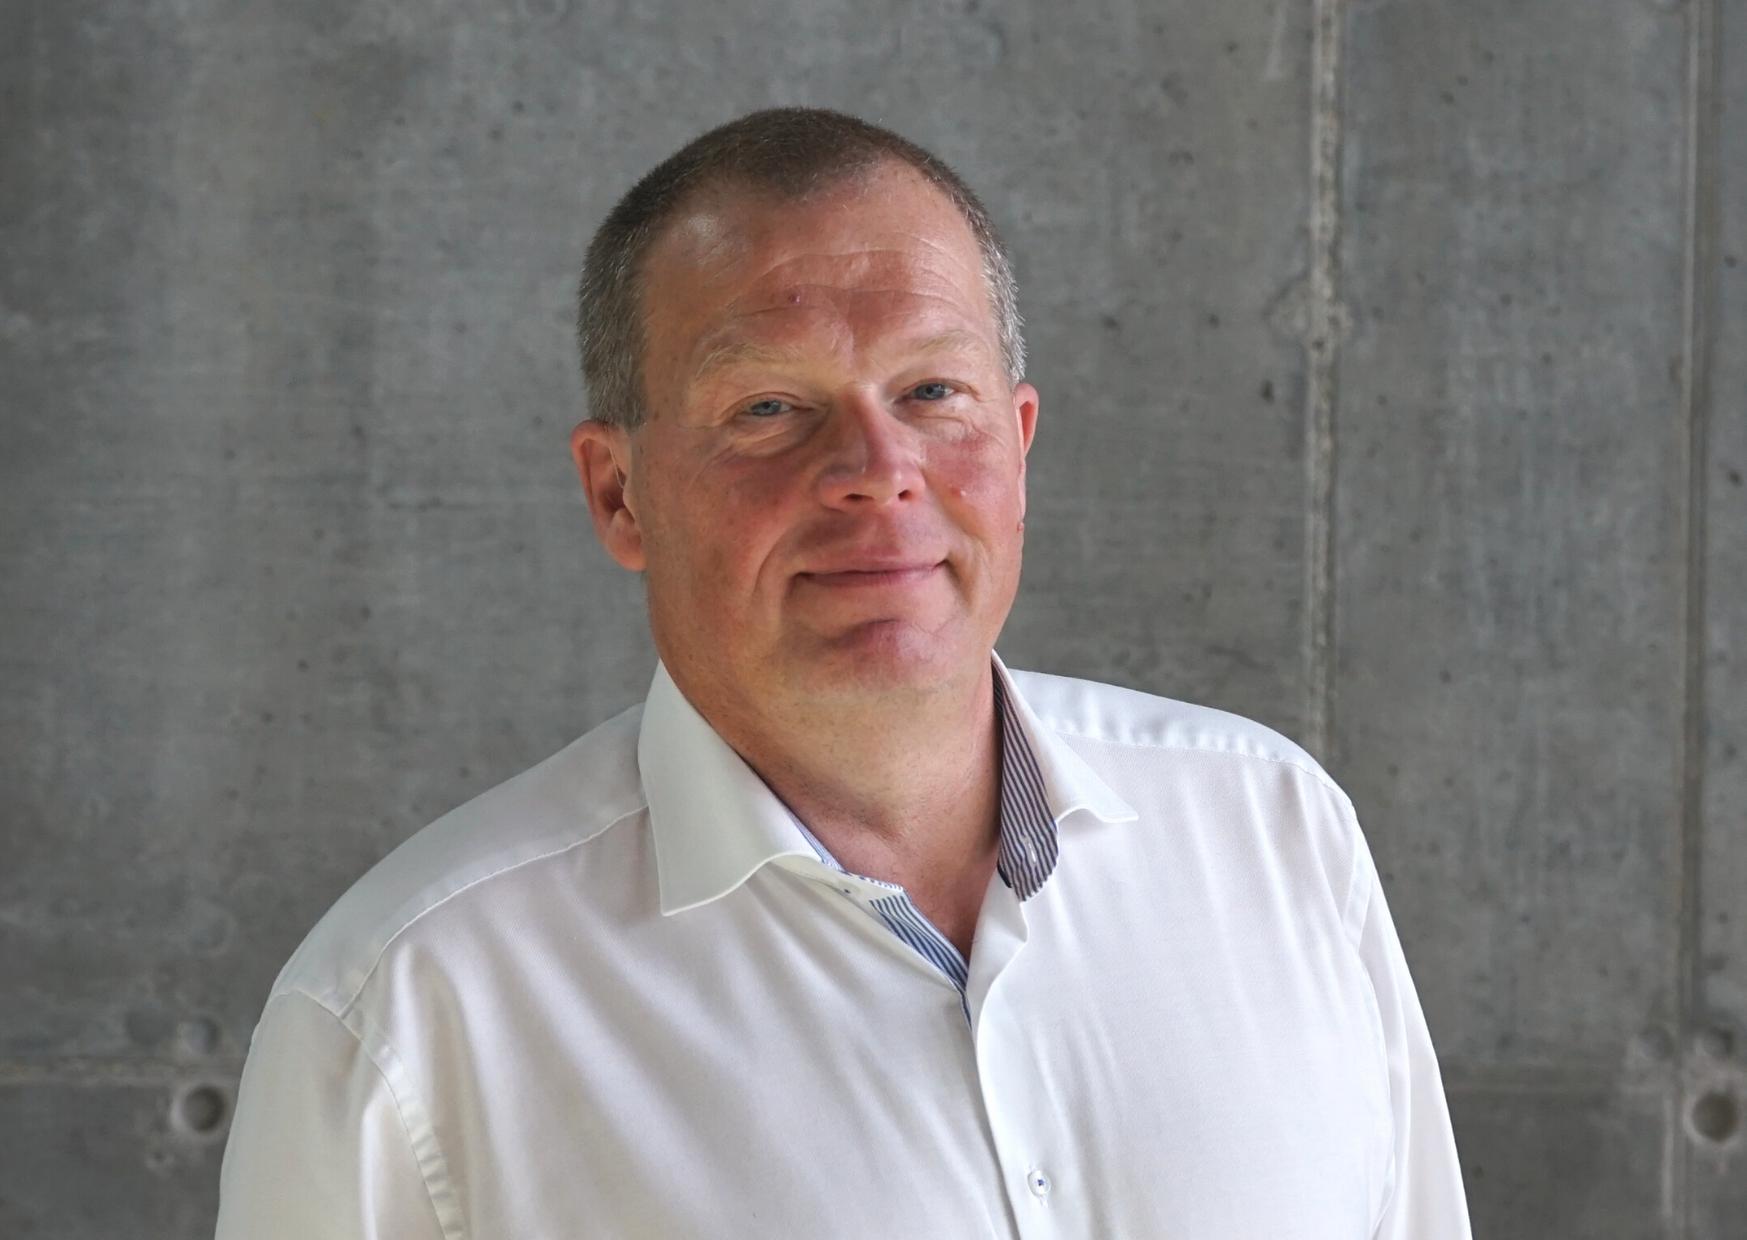 Jørgen Schytter